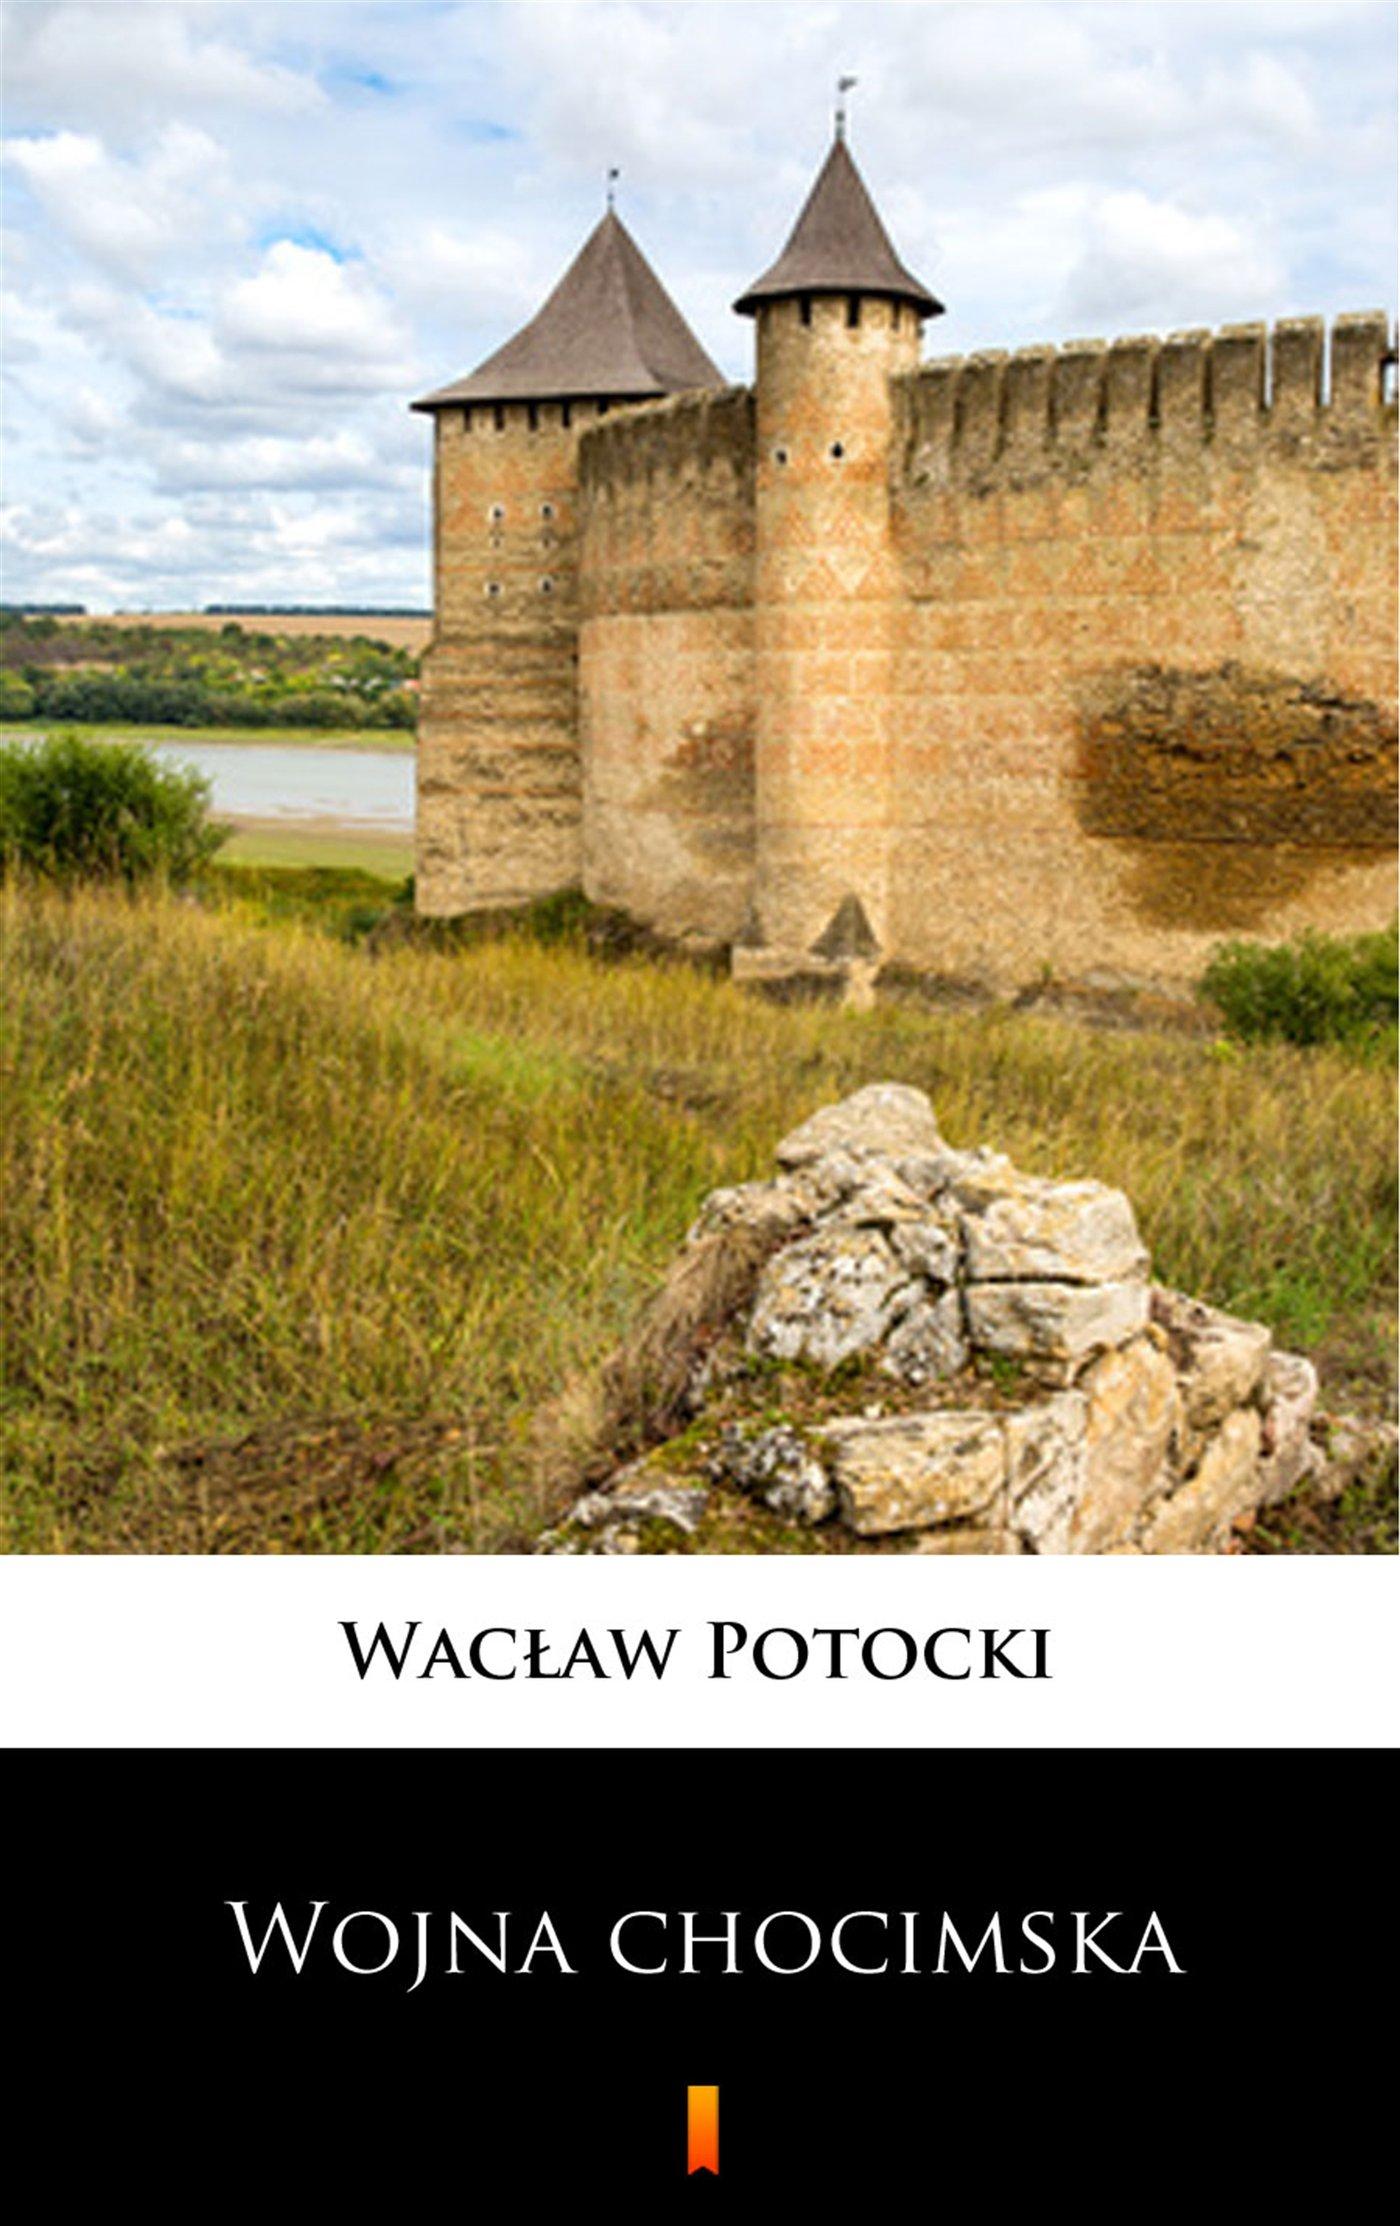 Transakcja wojny chocimskiej - Ebook (Książka na Kindle) do pobrania w formacie MOBI